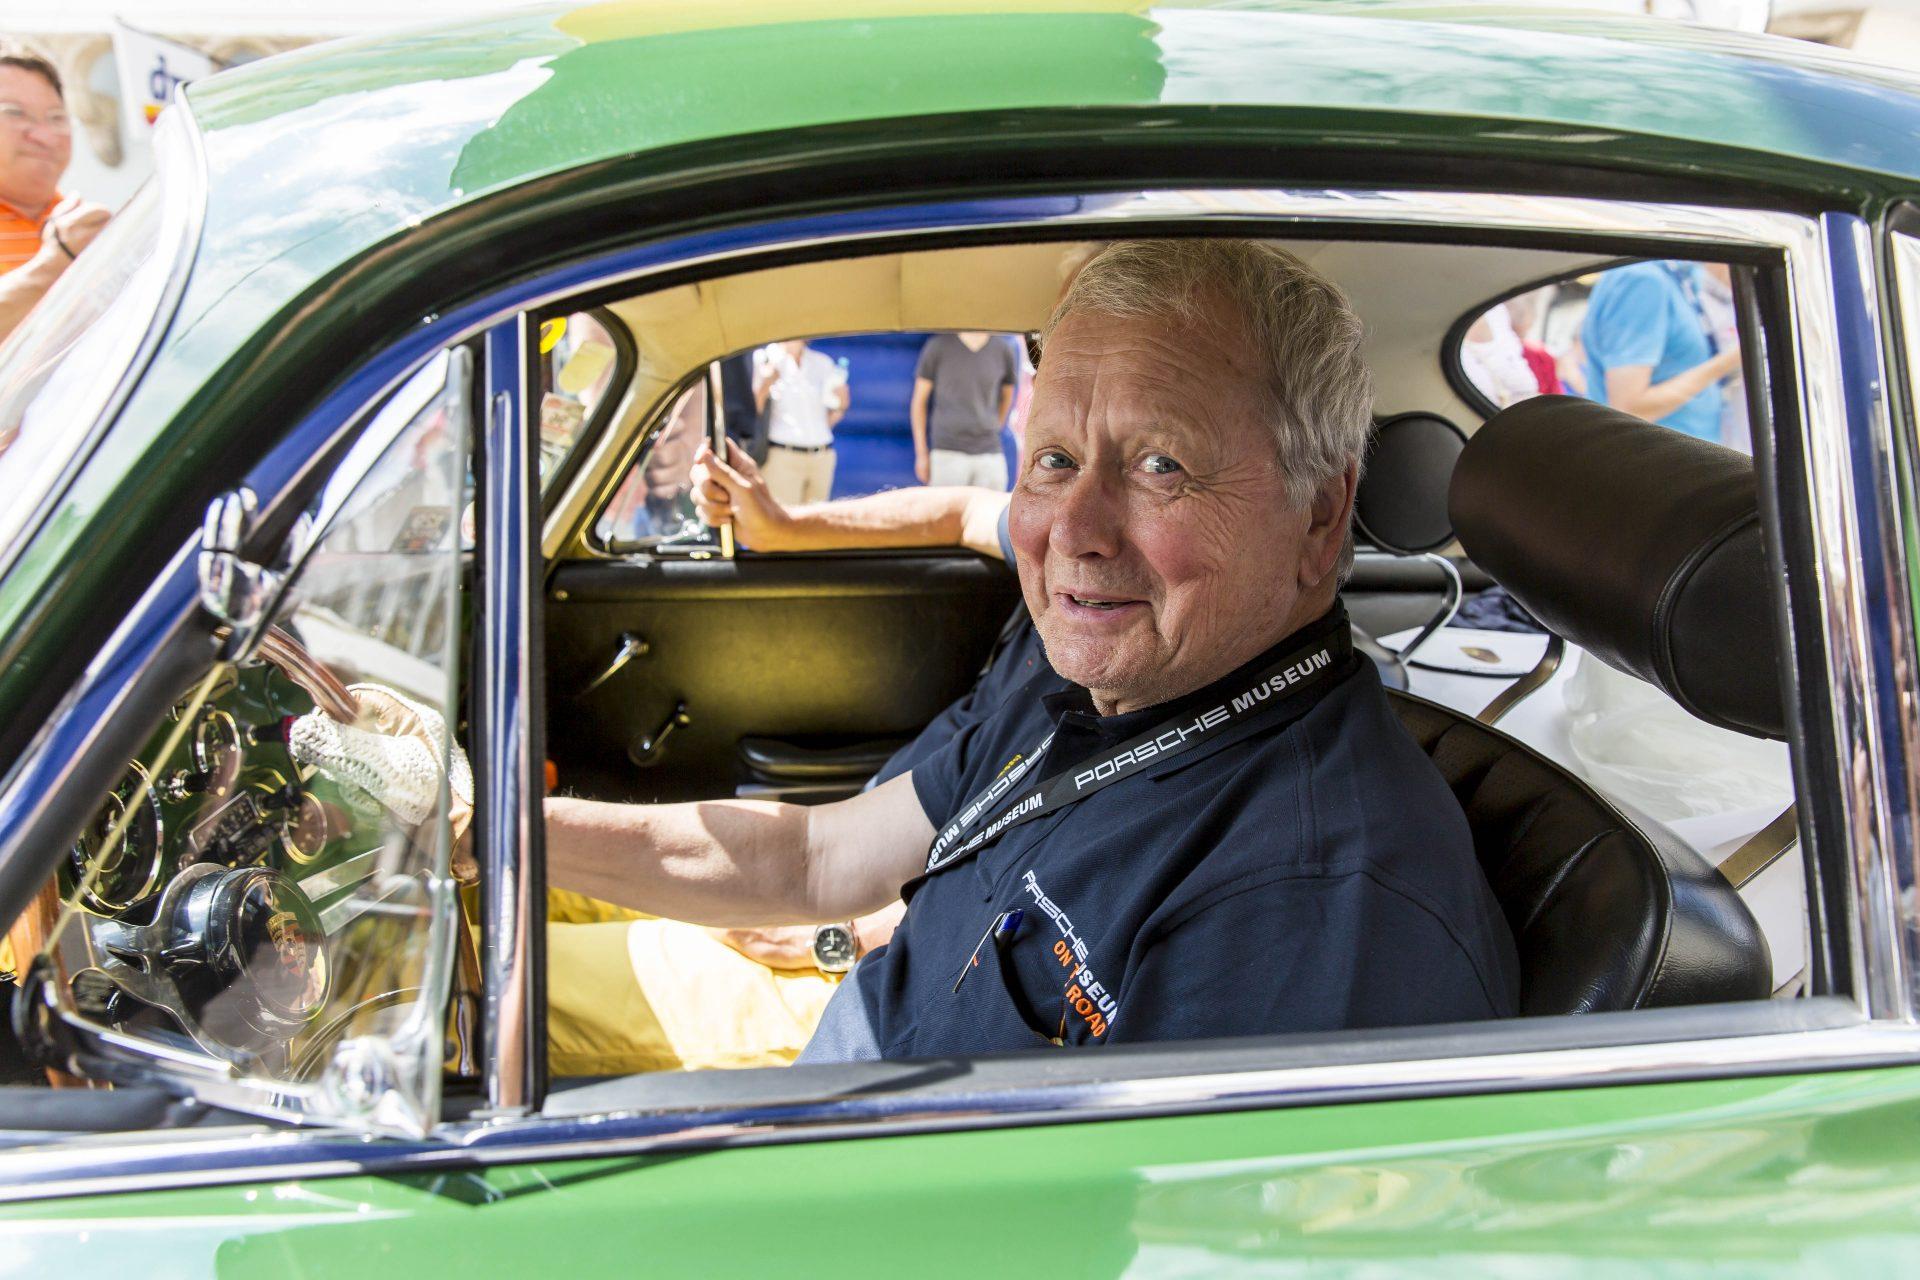 Dr. Wolfgang Porsche